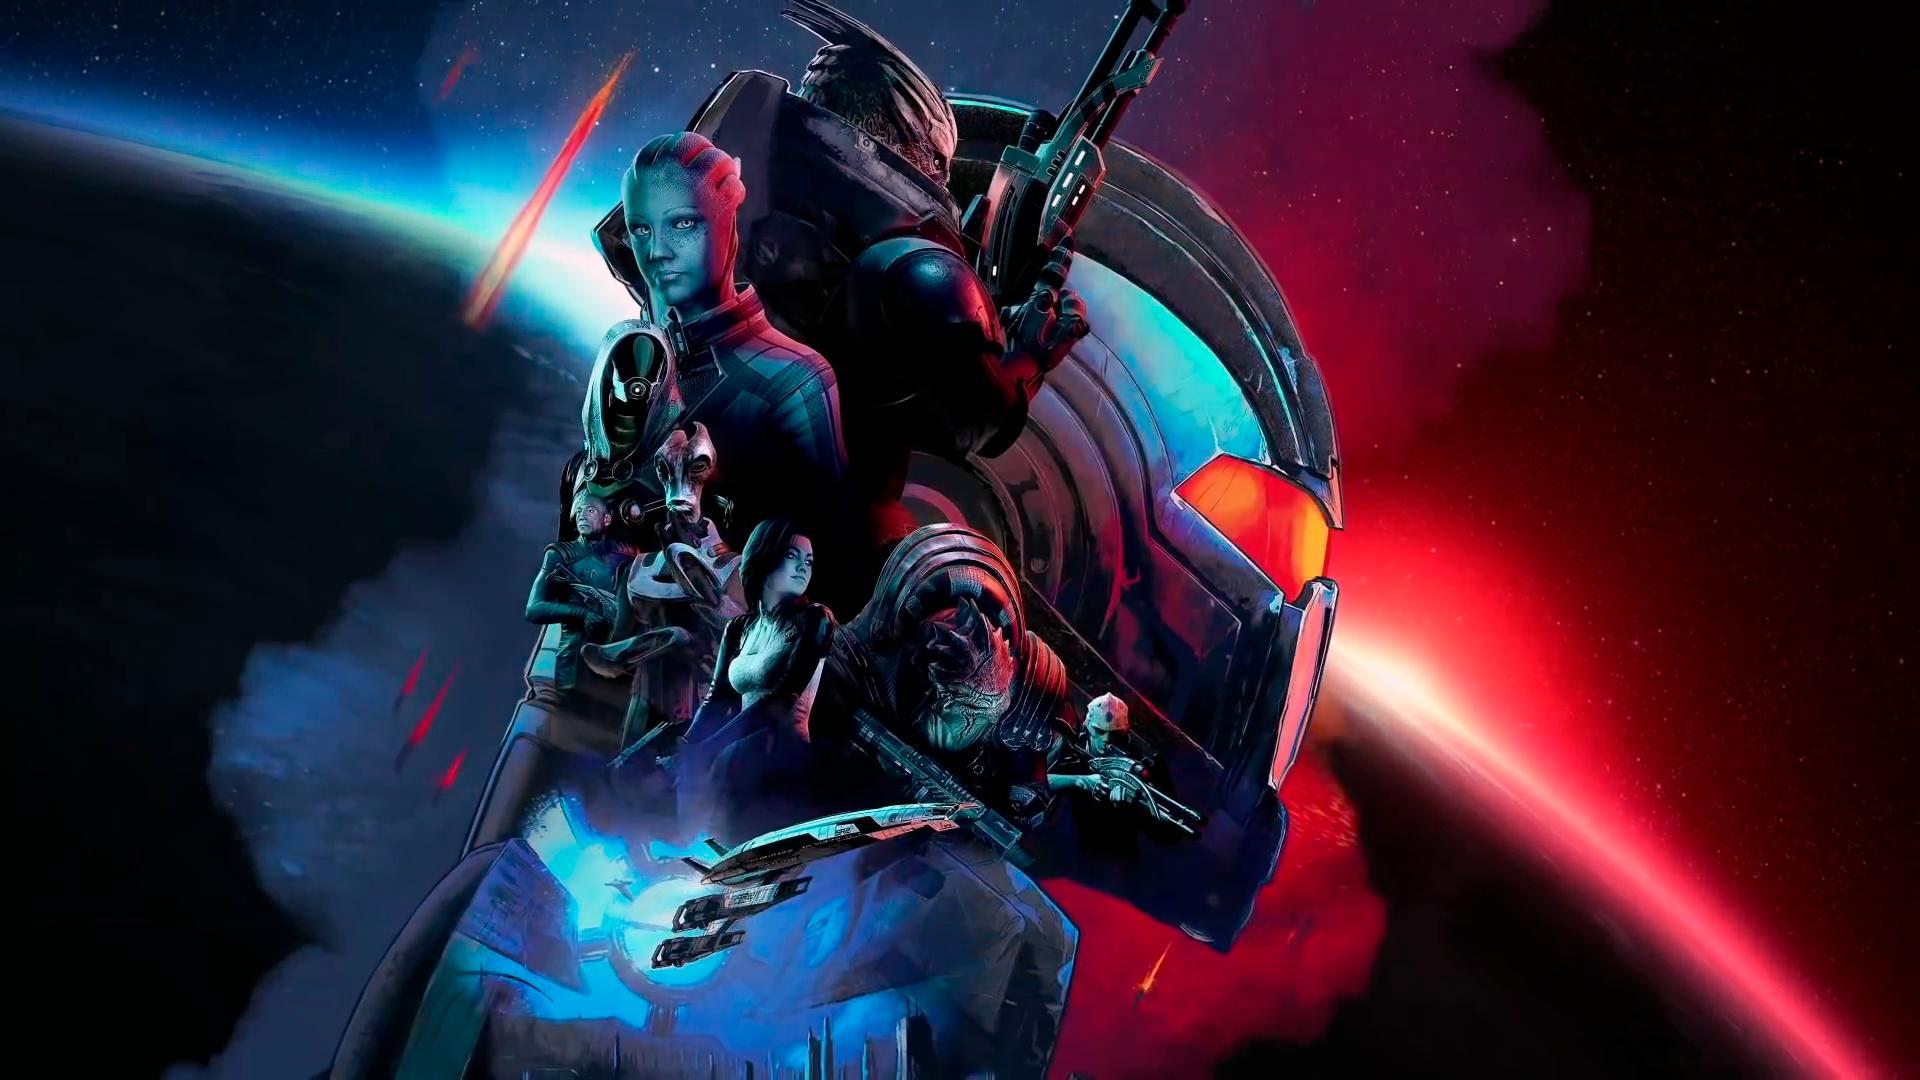 Сборник Mass Effect Legendary Edition выйдет сразу с крупным патчем